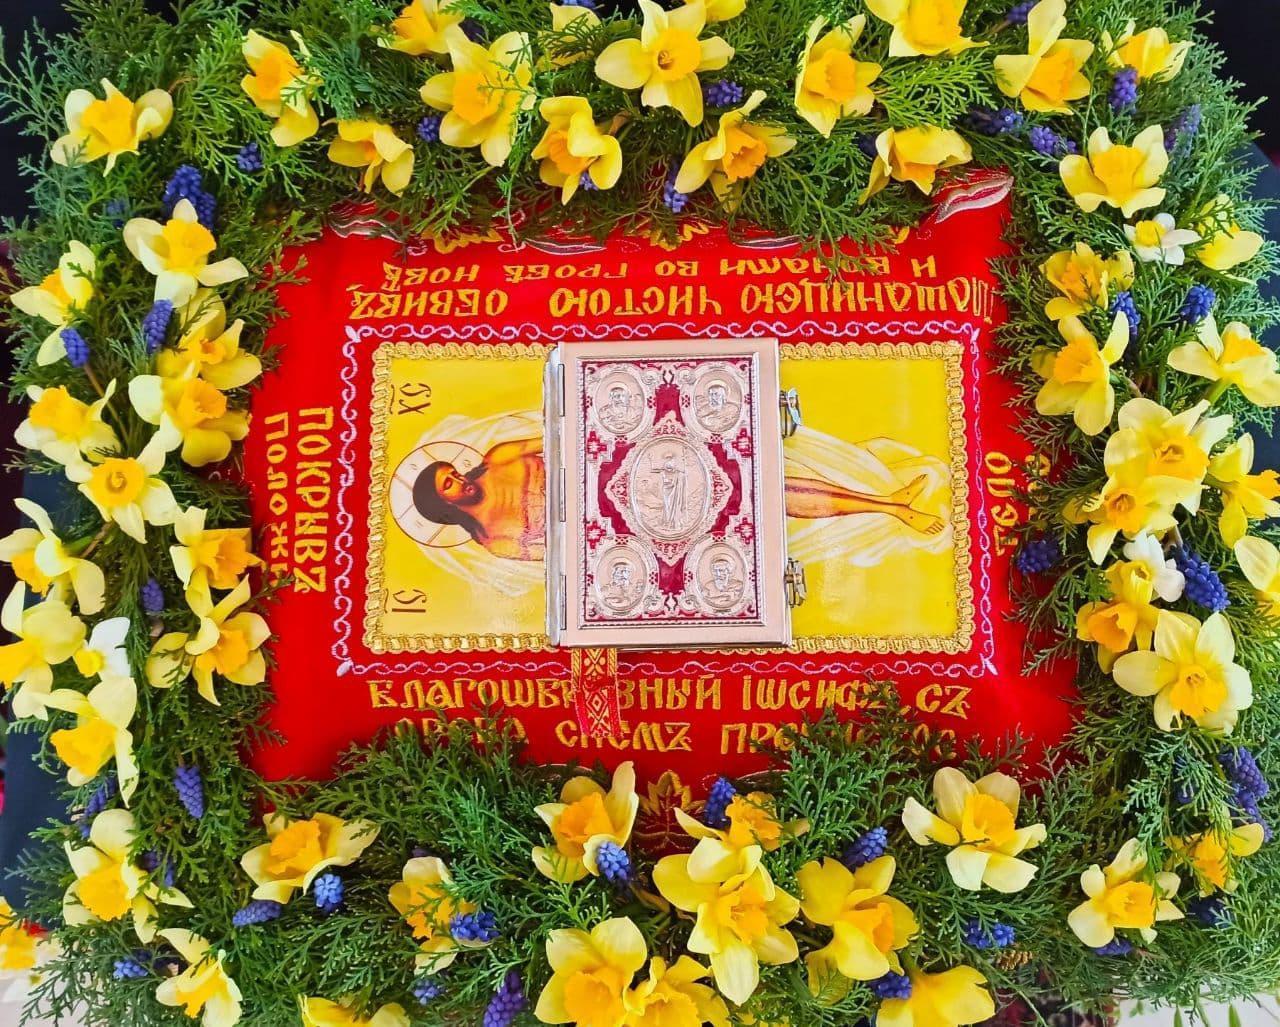 Плащаниця у Борисо-Глібському храмі Часів Яра